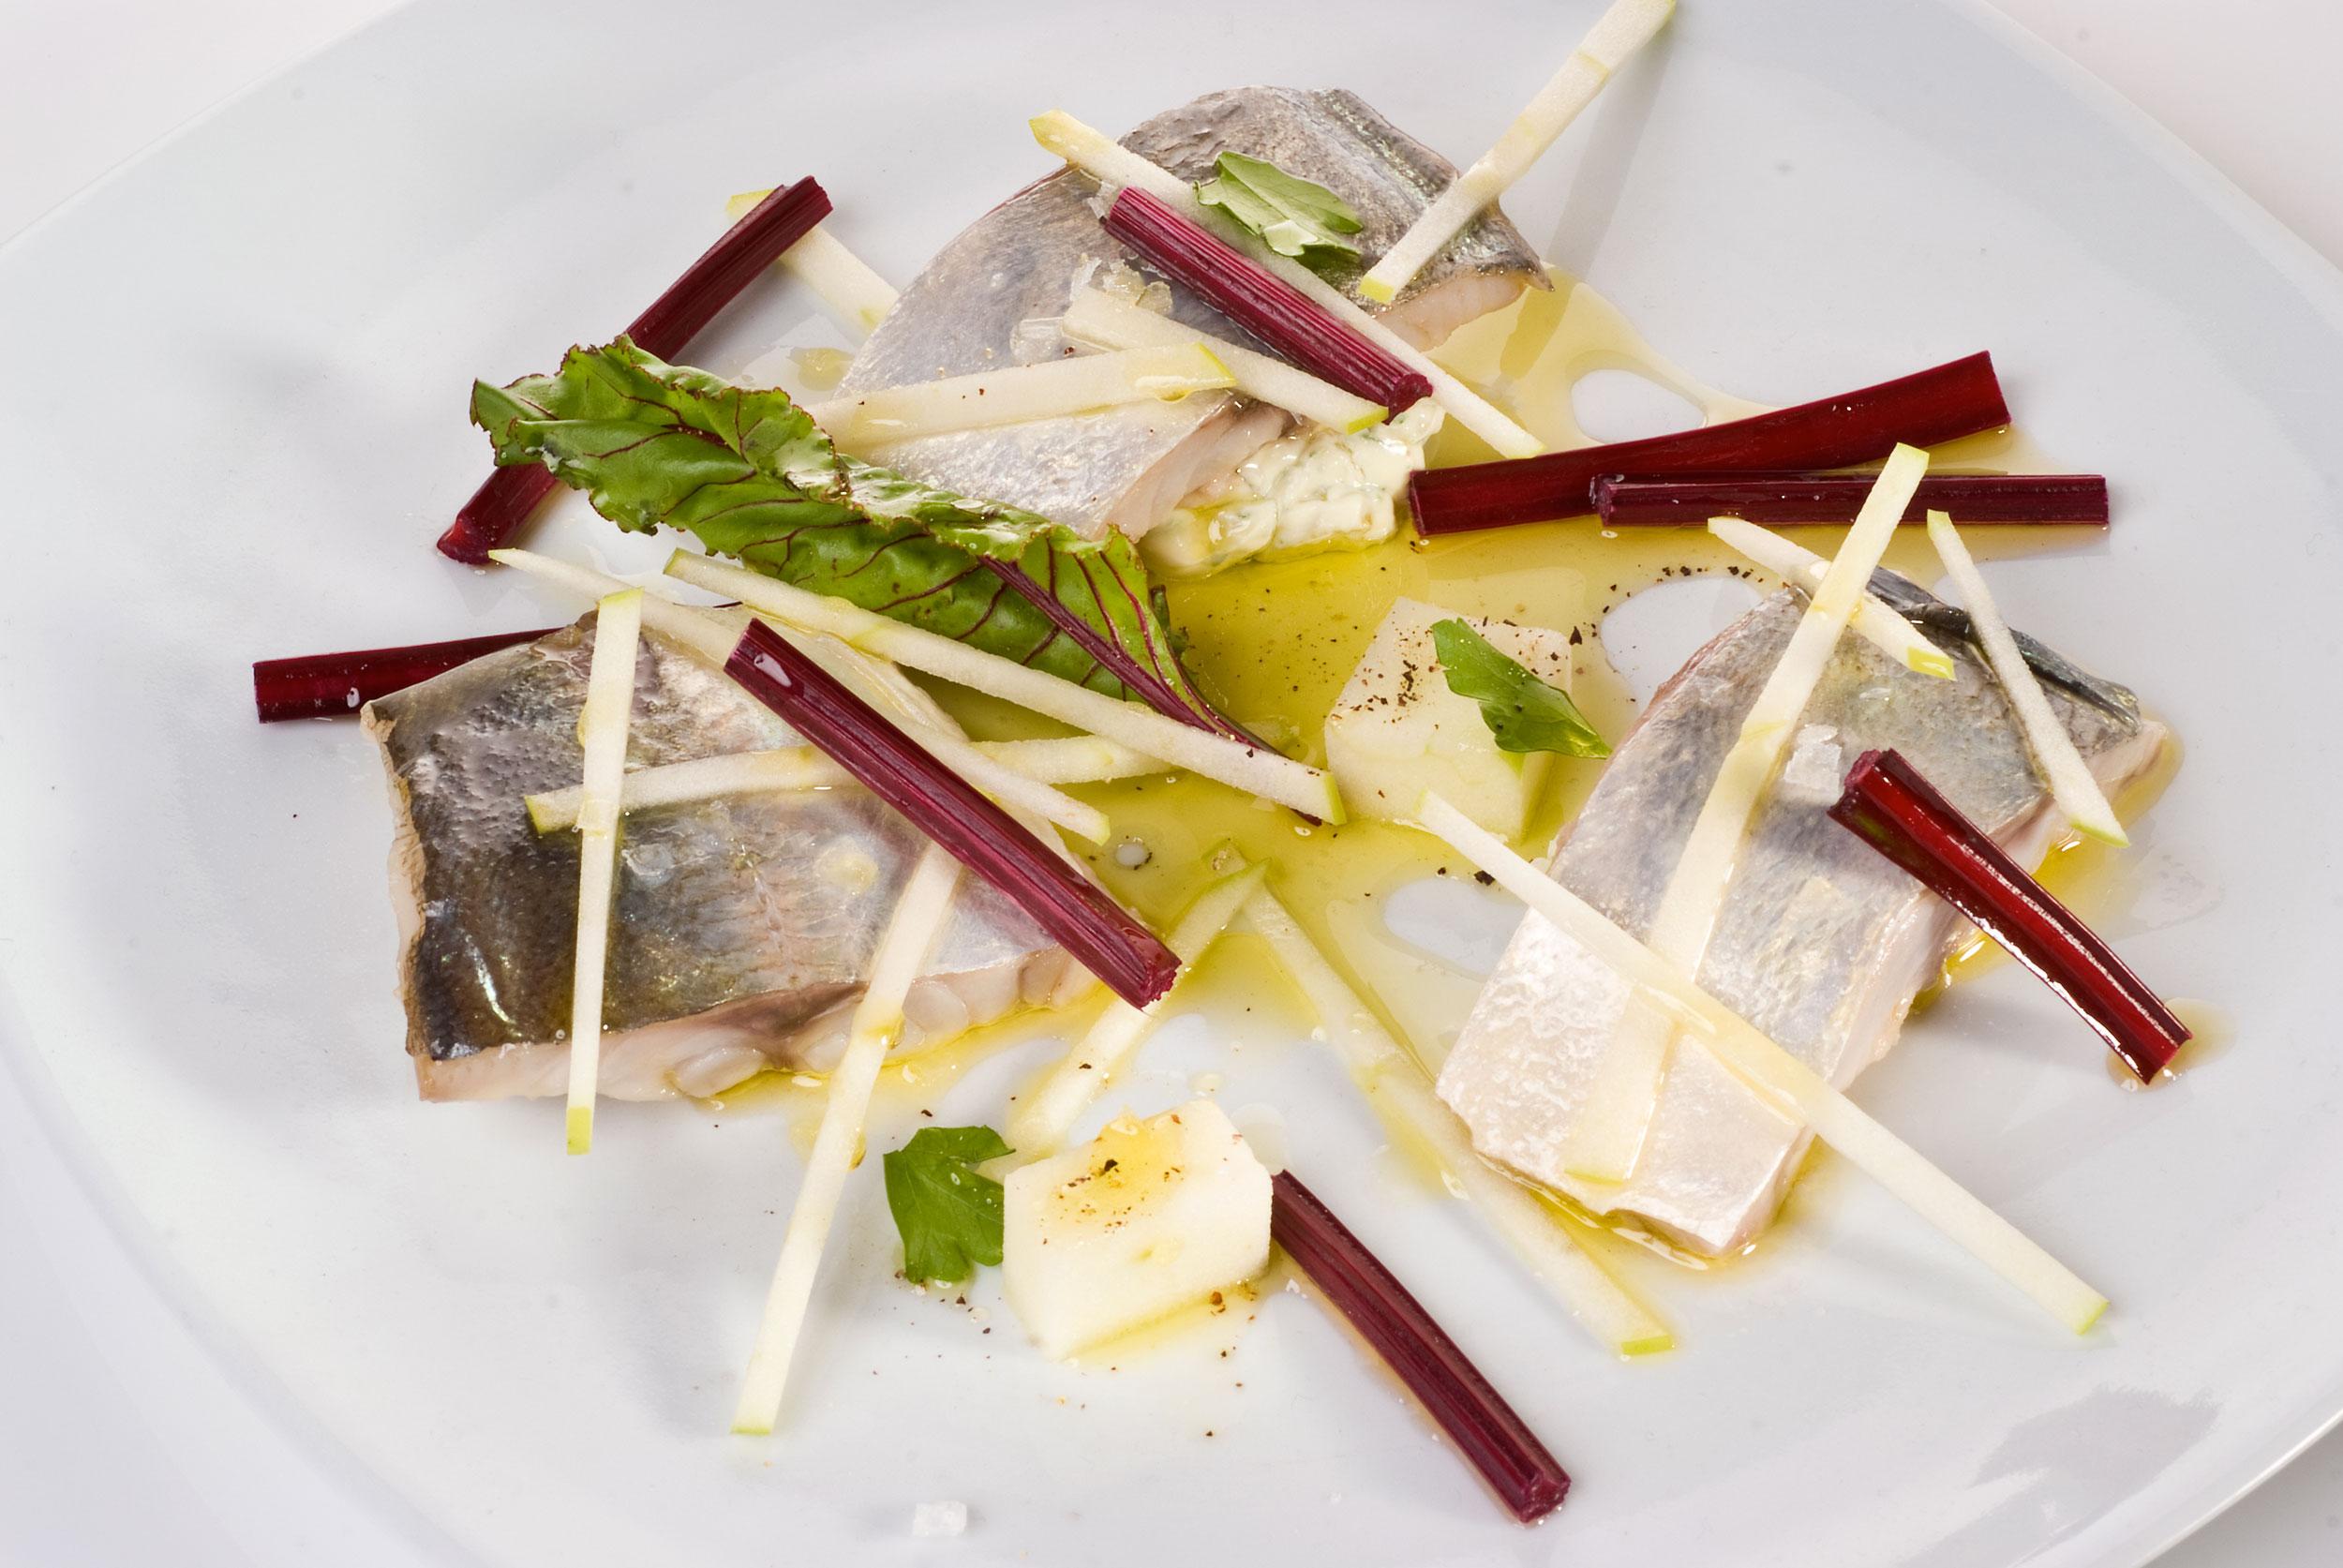 Chicharro marinado con ensaladilla de encurtidos